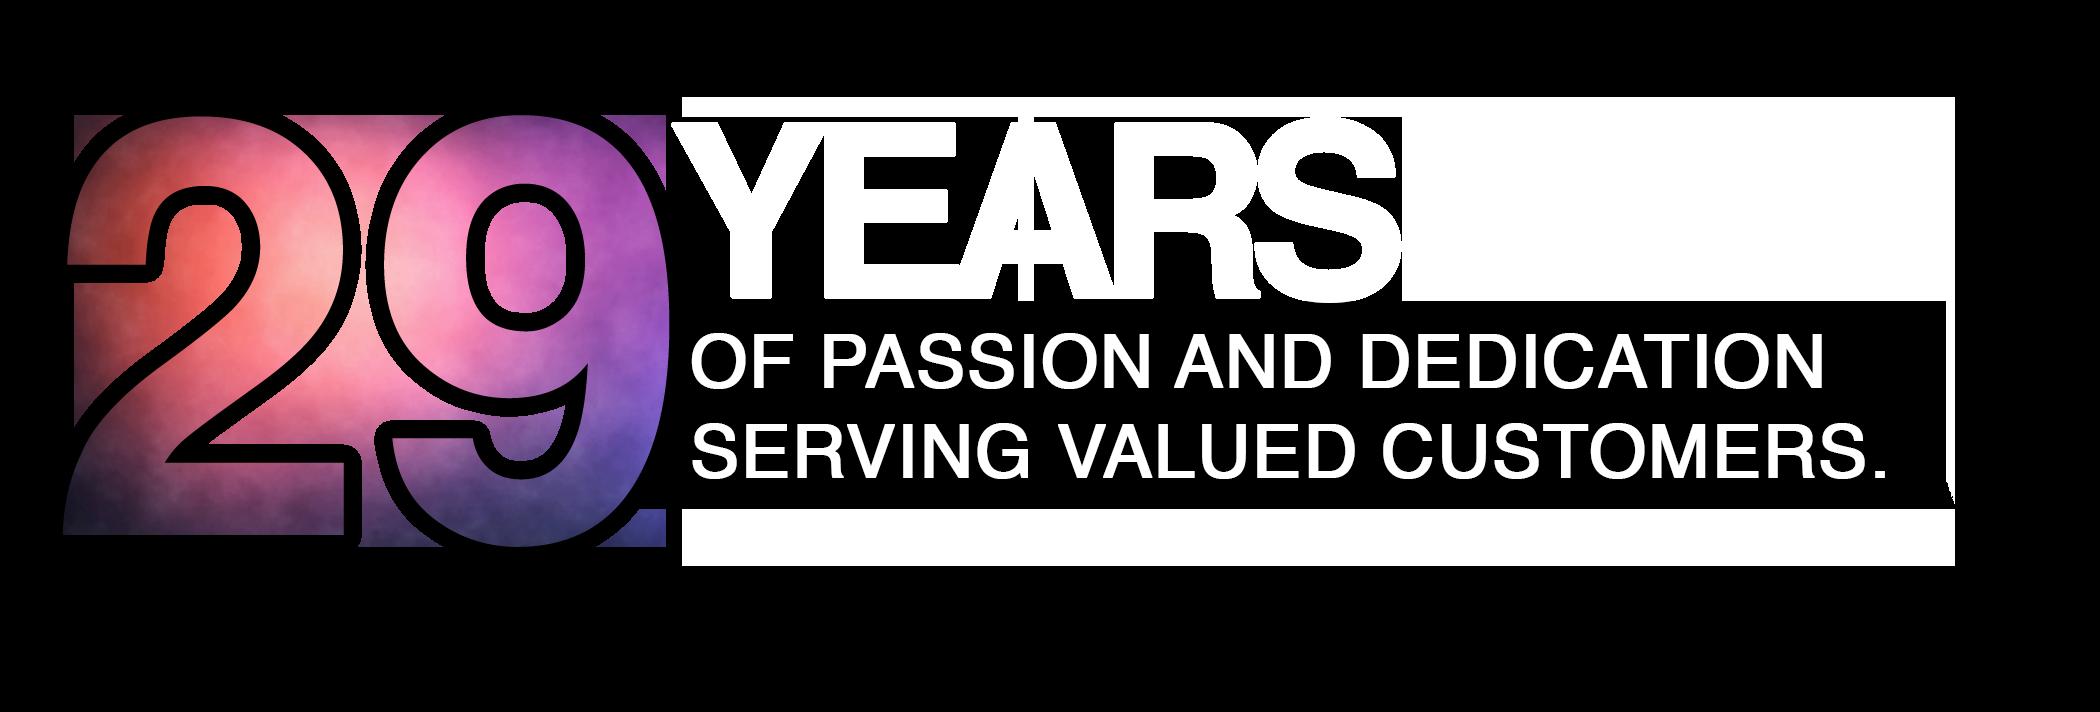 29 Years Graphic